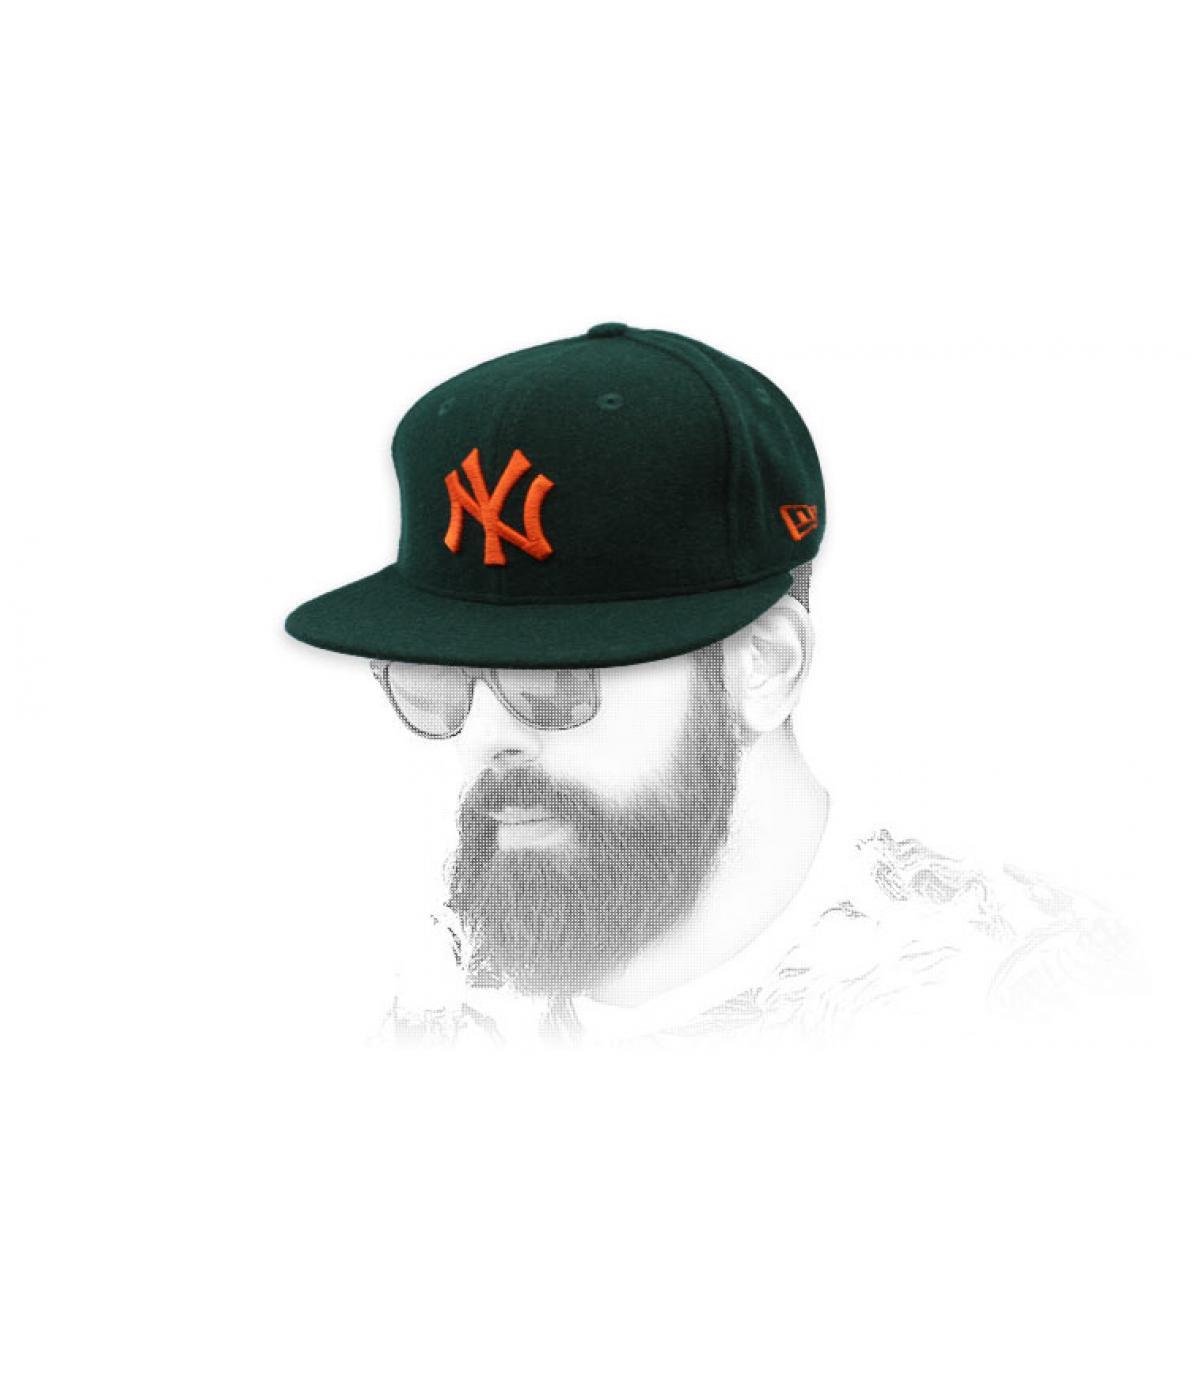 snapback NY verde naranja lana